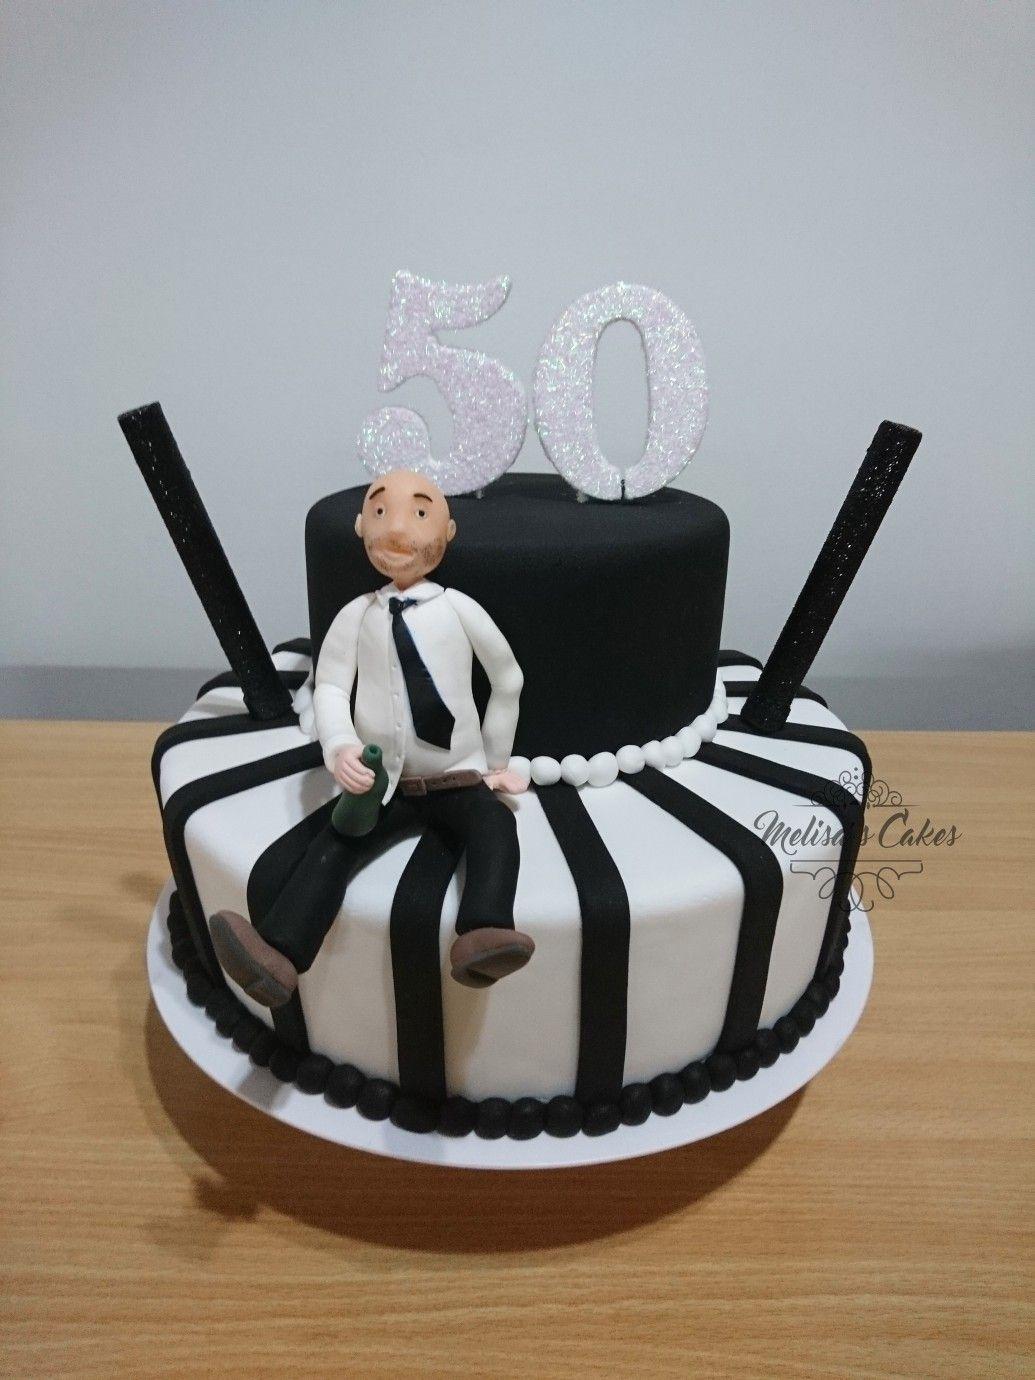 Torta Hombre 50 Años Tortas De 50 Años Tortas Para Hombres Tortas